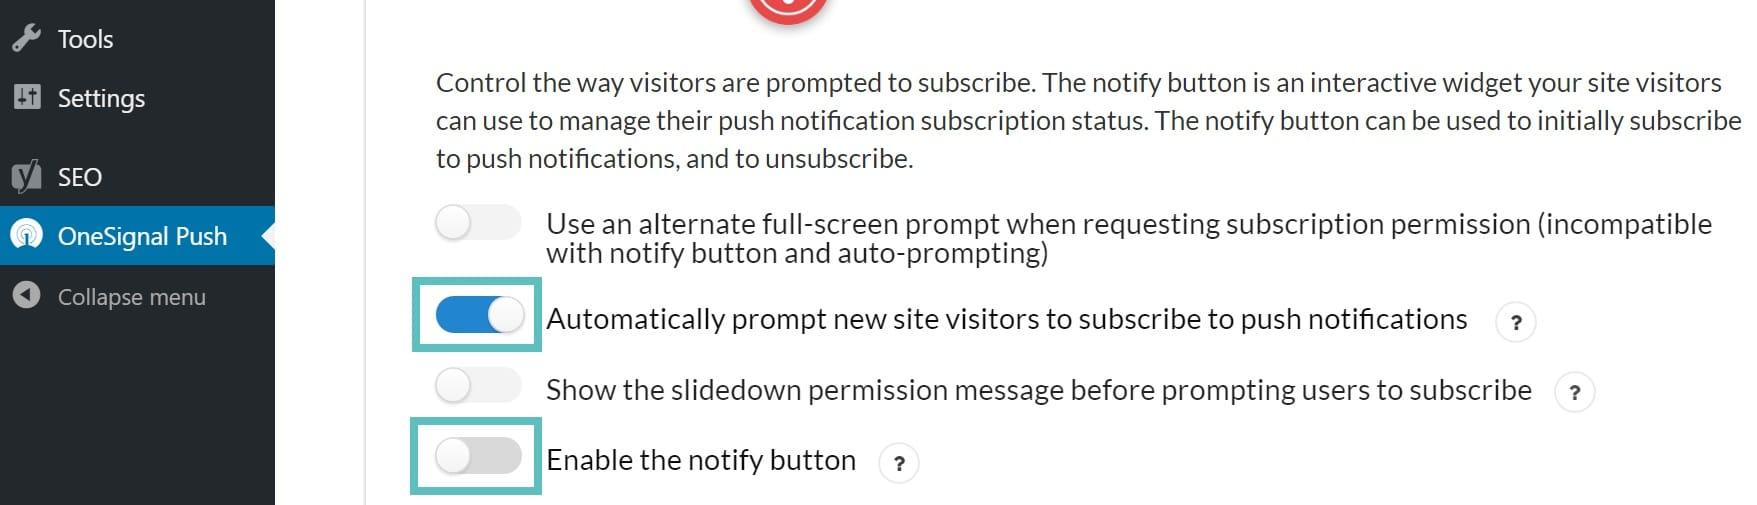 Inviter automatiquement les utilisateurs